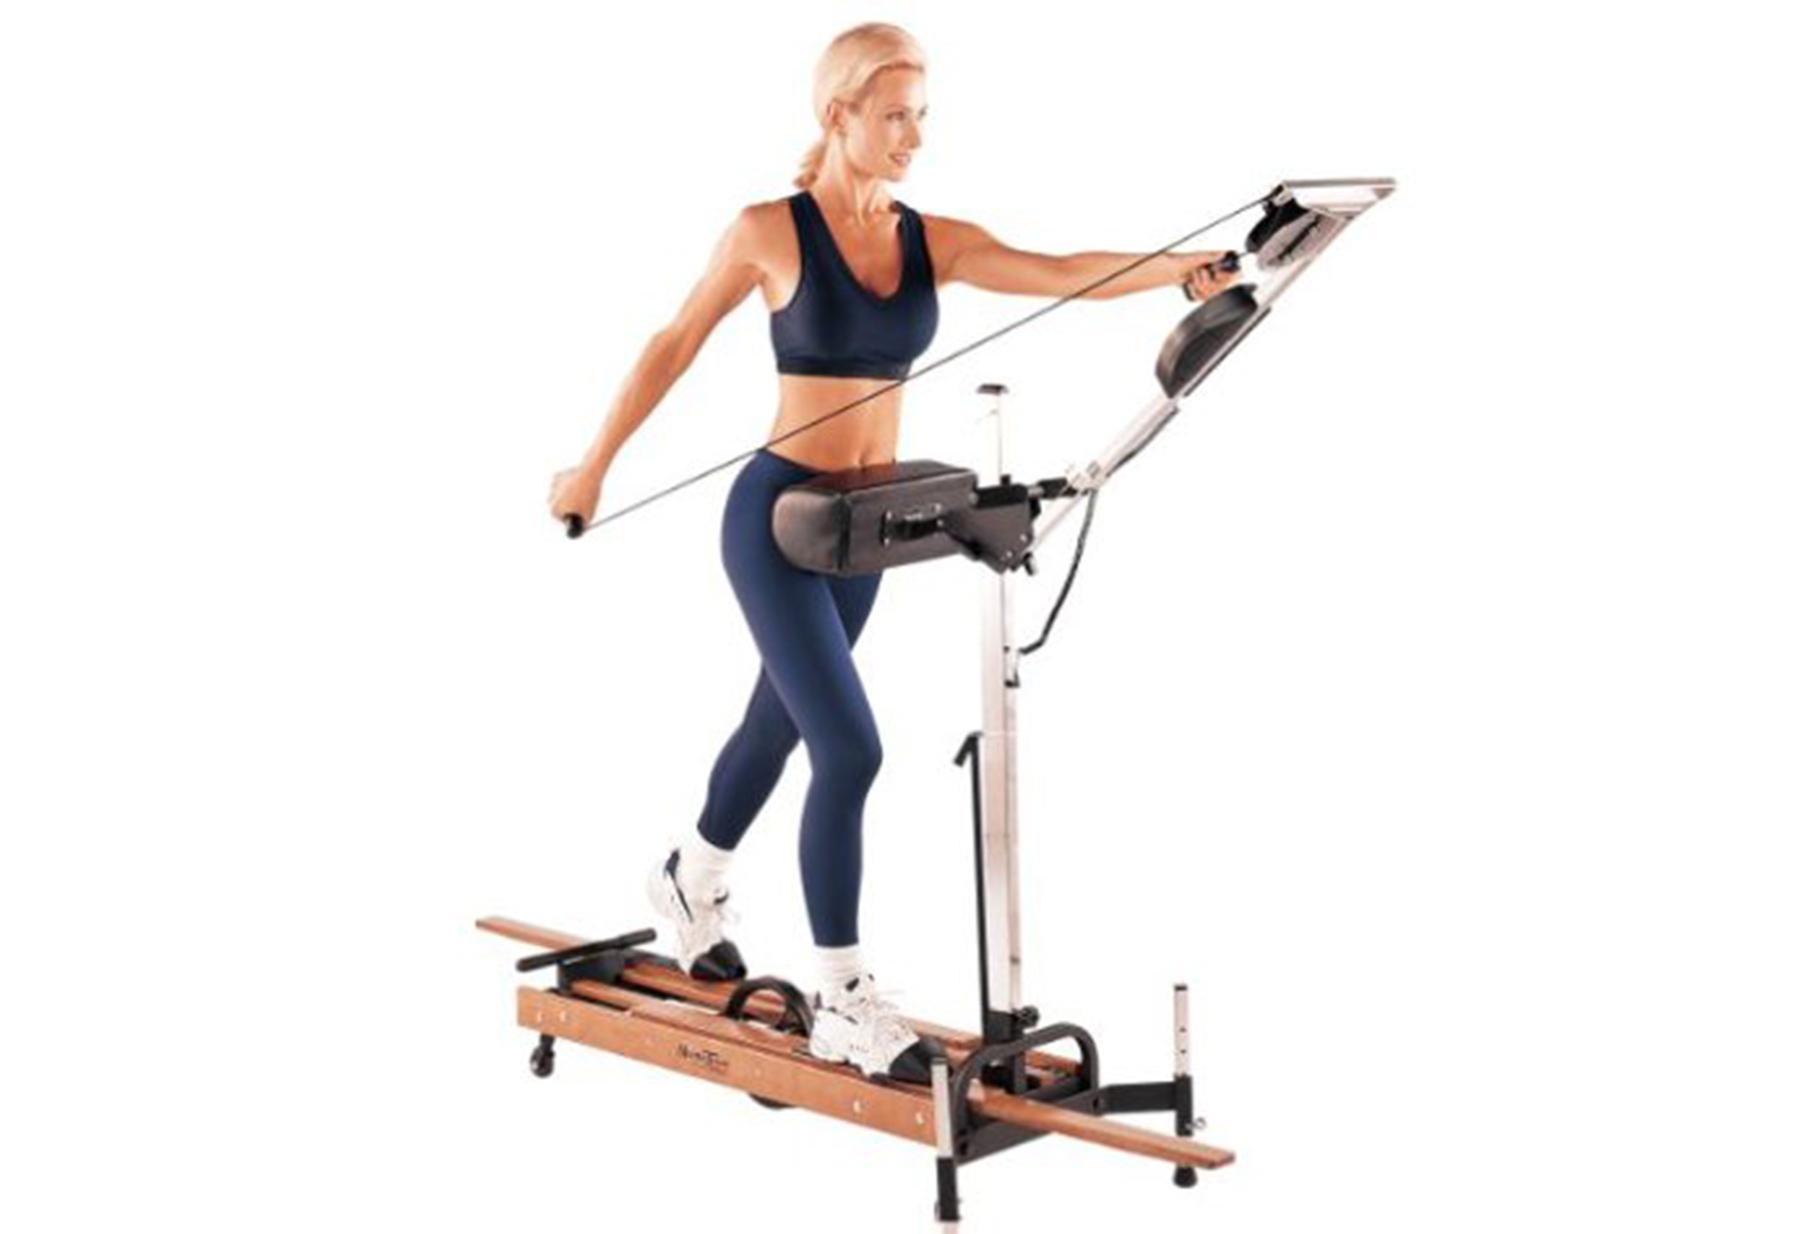 Infomercial workout equipment eoua